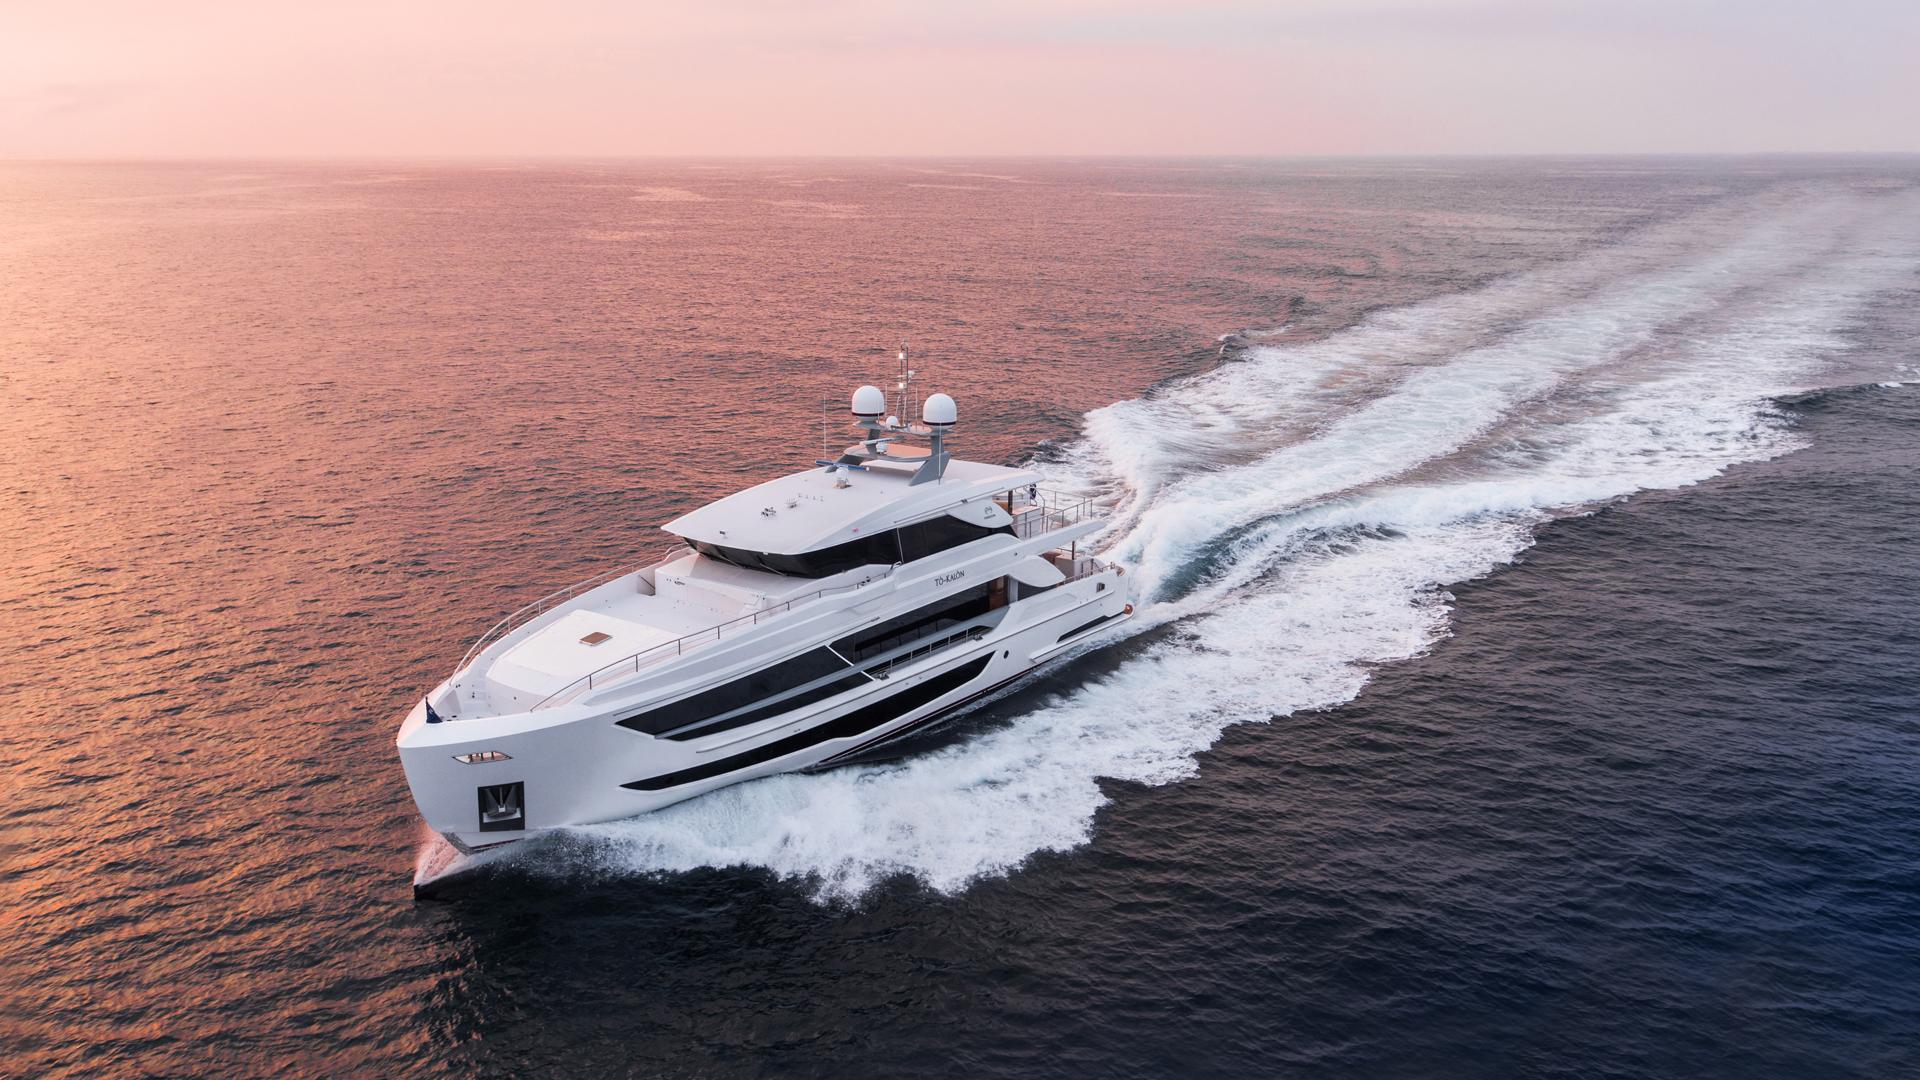 102呎豪華遊艇 / 嘉鴻遊艇股份有限公司